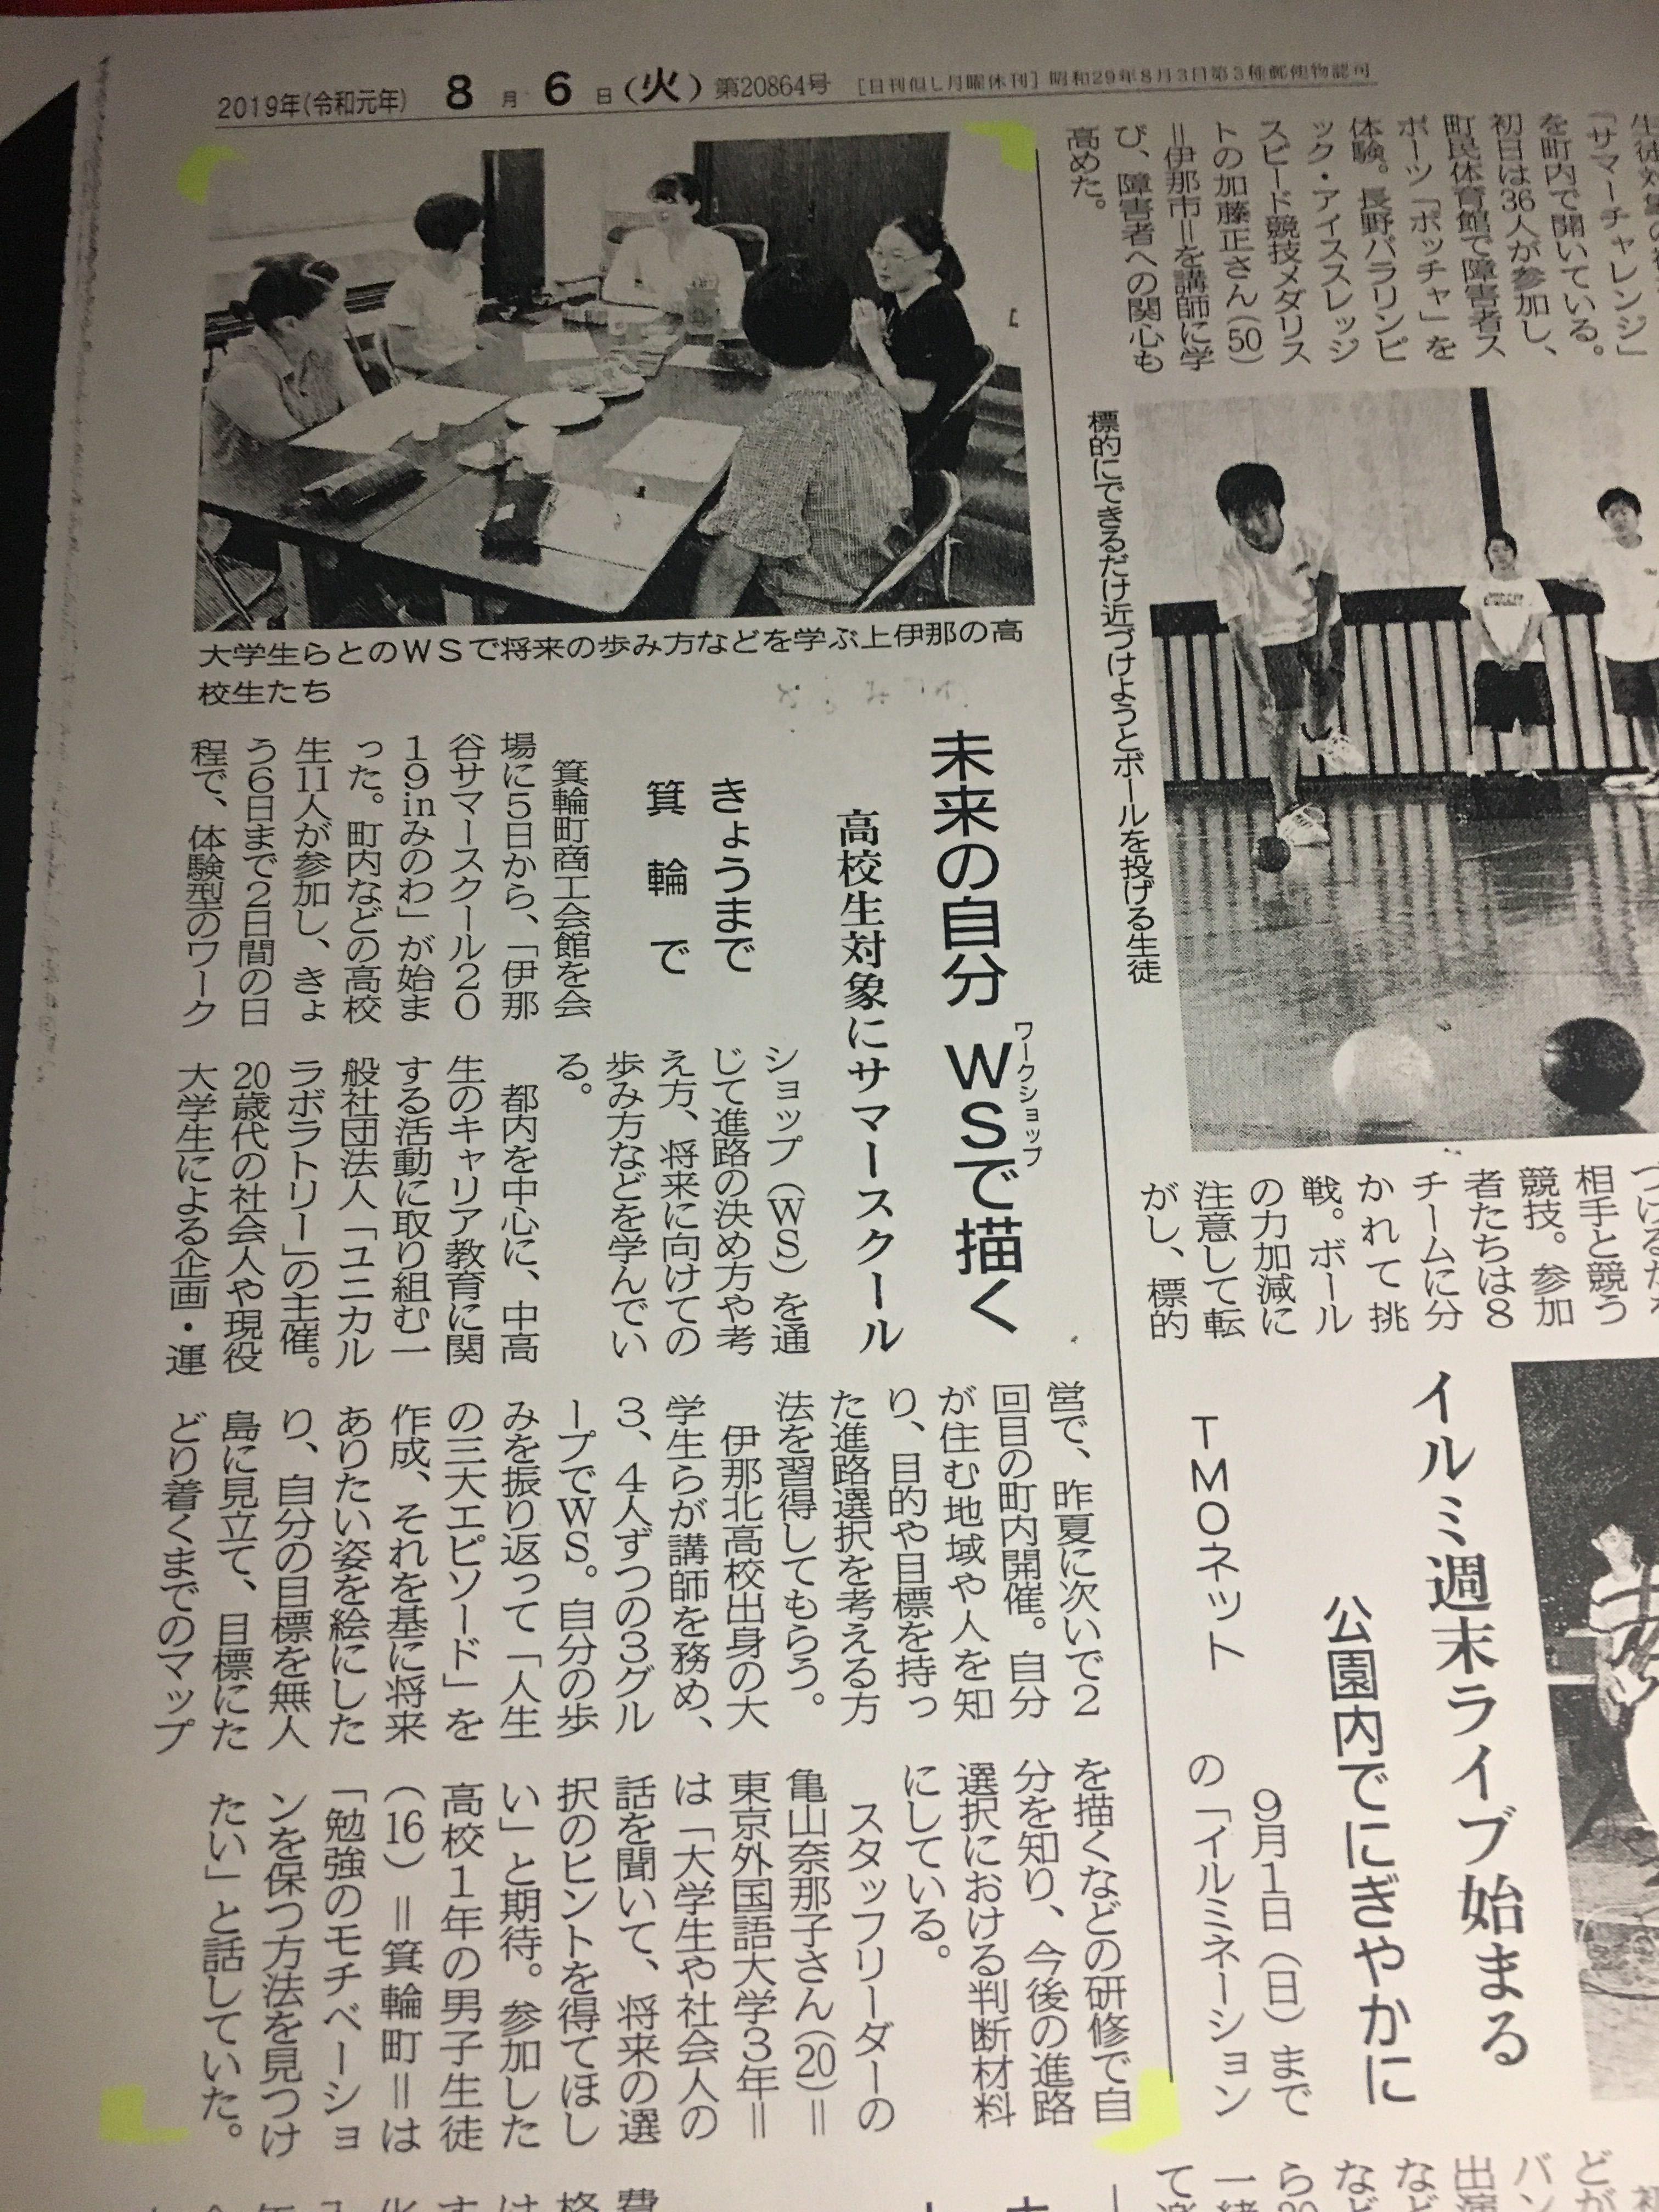 【メディア掲載】「伊那谷サマースクール2019 in みのわ」の様子がみのわ新聞に掲載されました